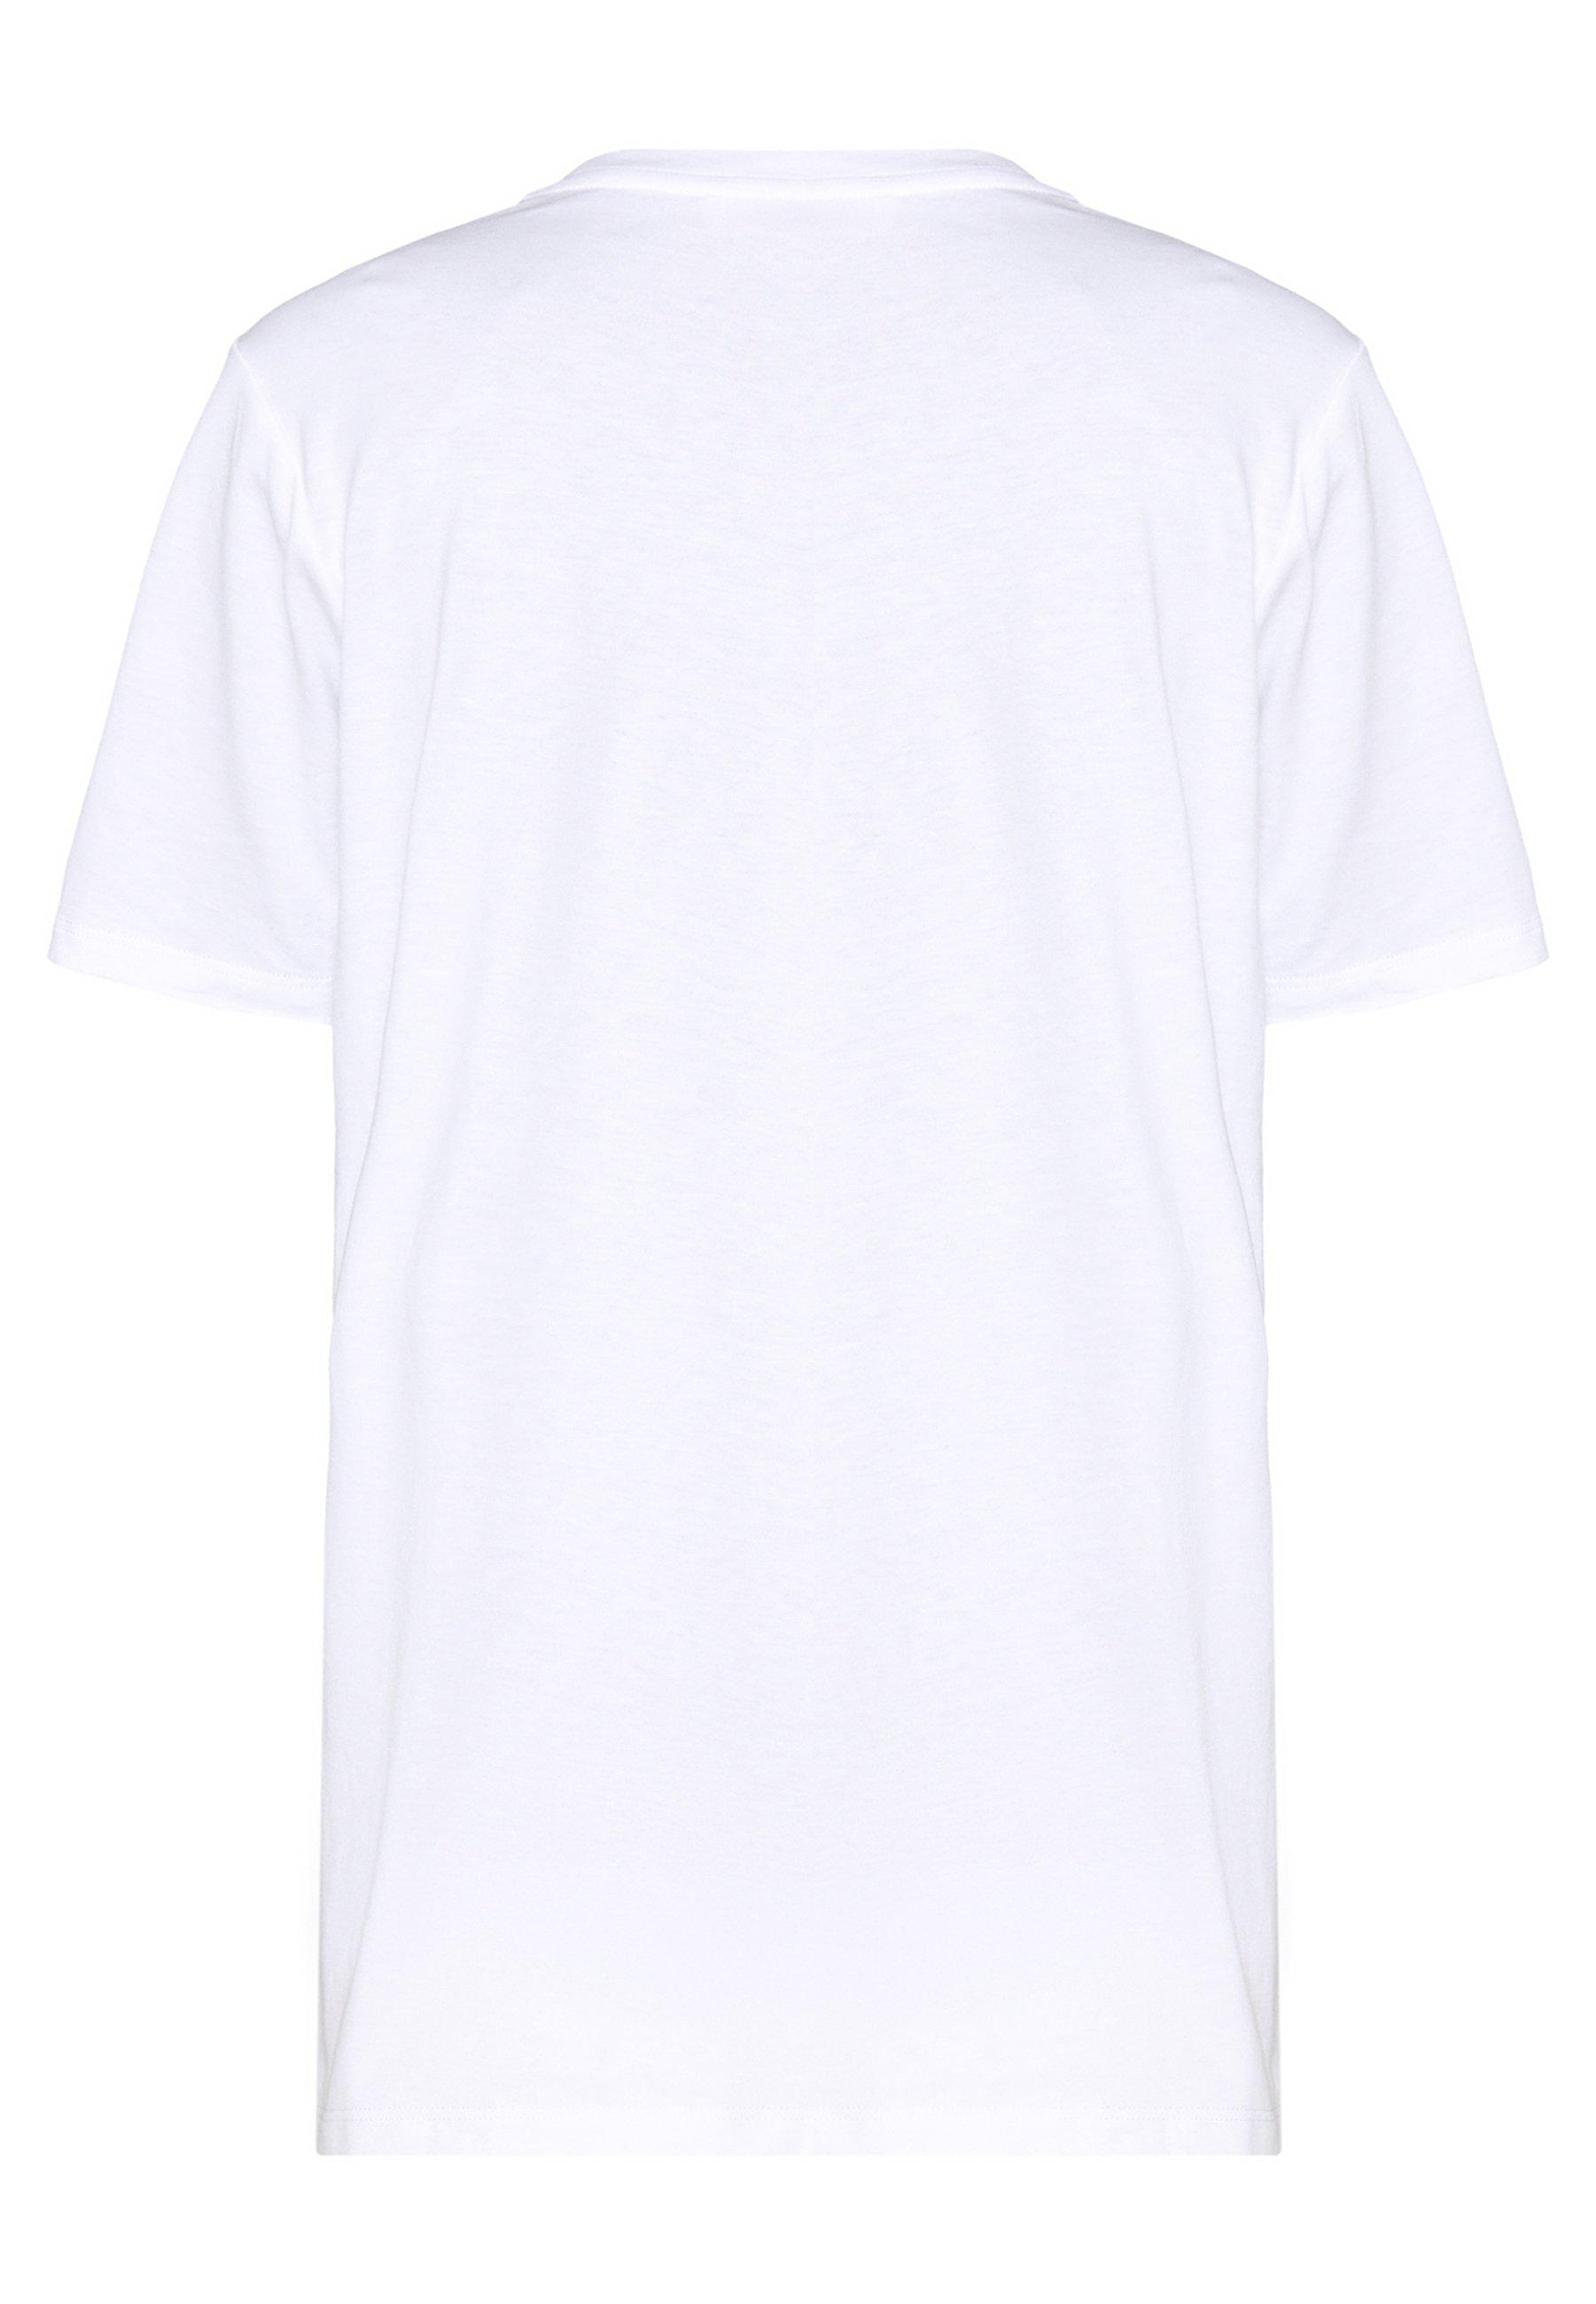 Michael Kors Logo - T-shirt Med Print White